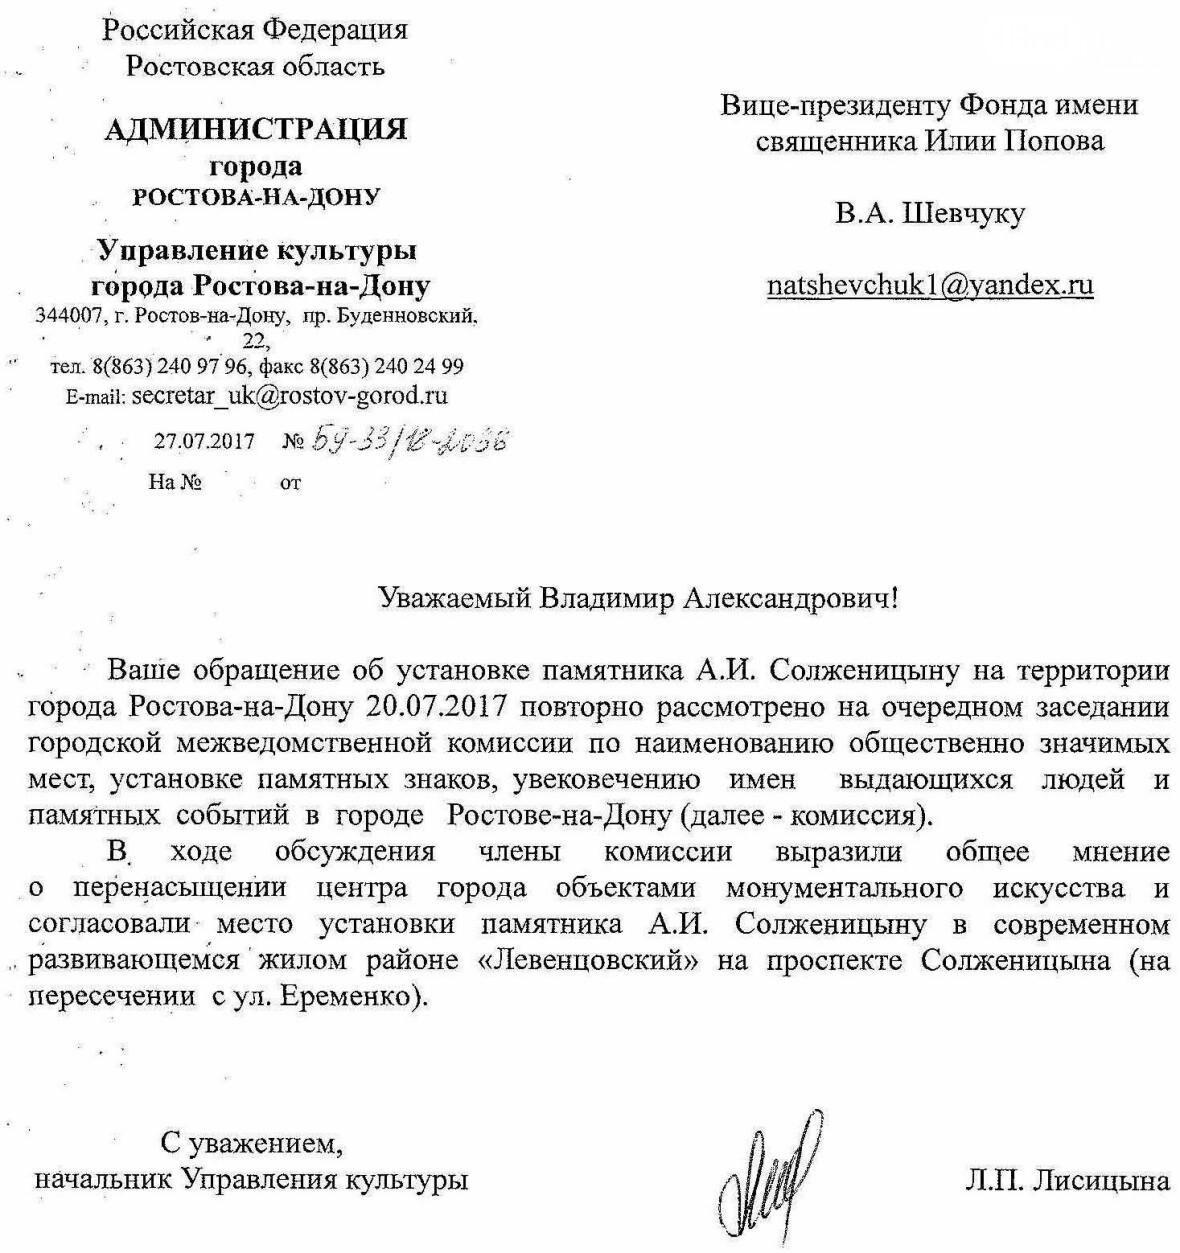 Пикет против установки памятника Солженицыну пройдет в Ростове, фото-2